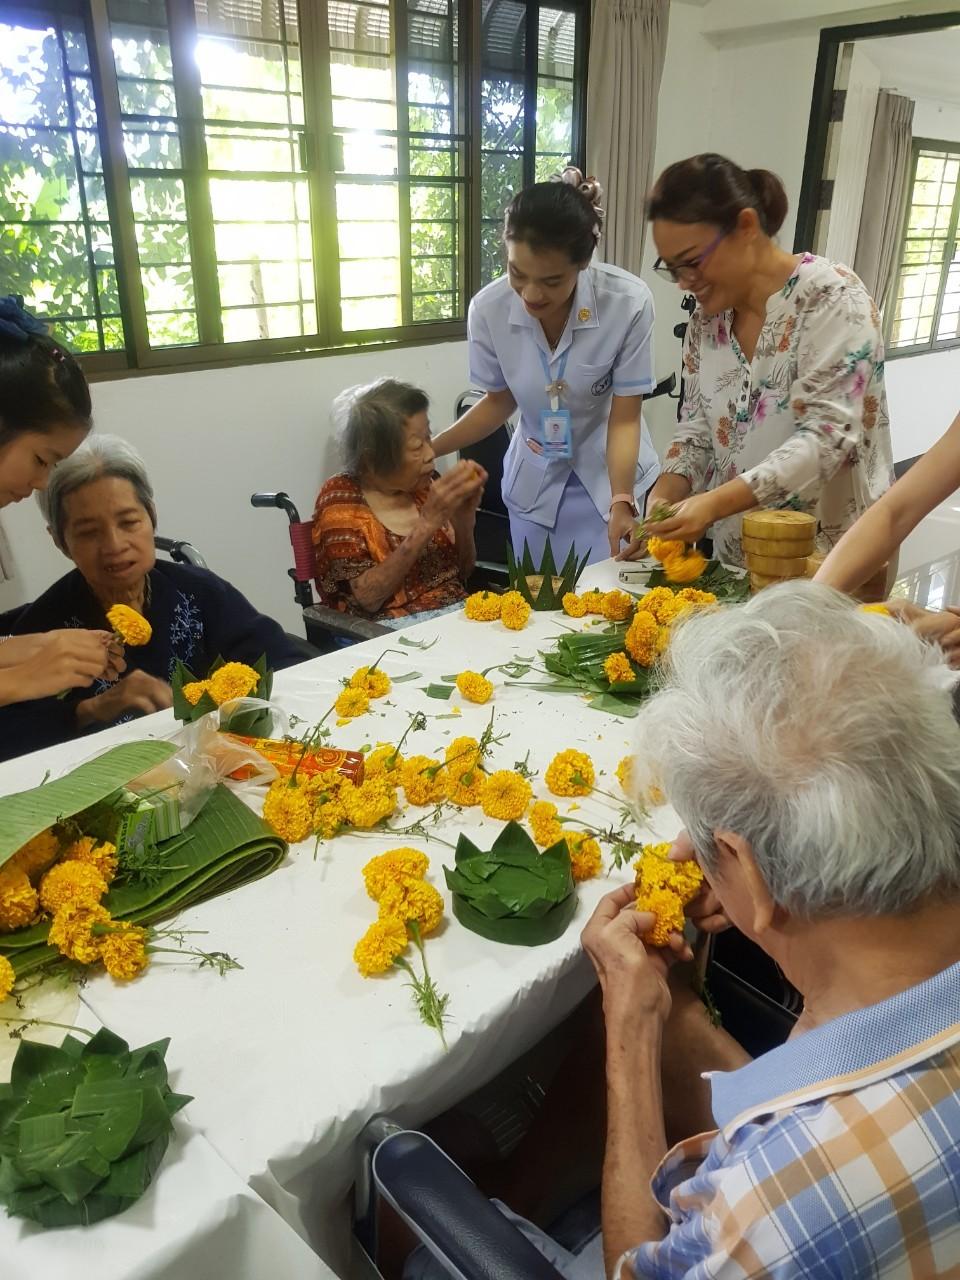 สถานบริบาลผู้สูงอายุ Helping hands nursing home